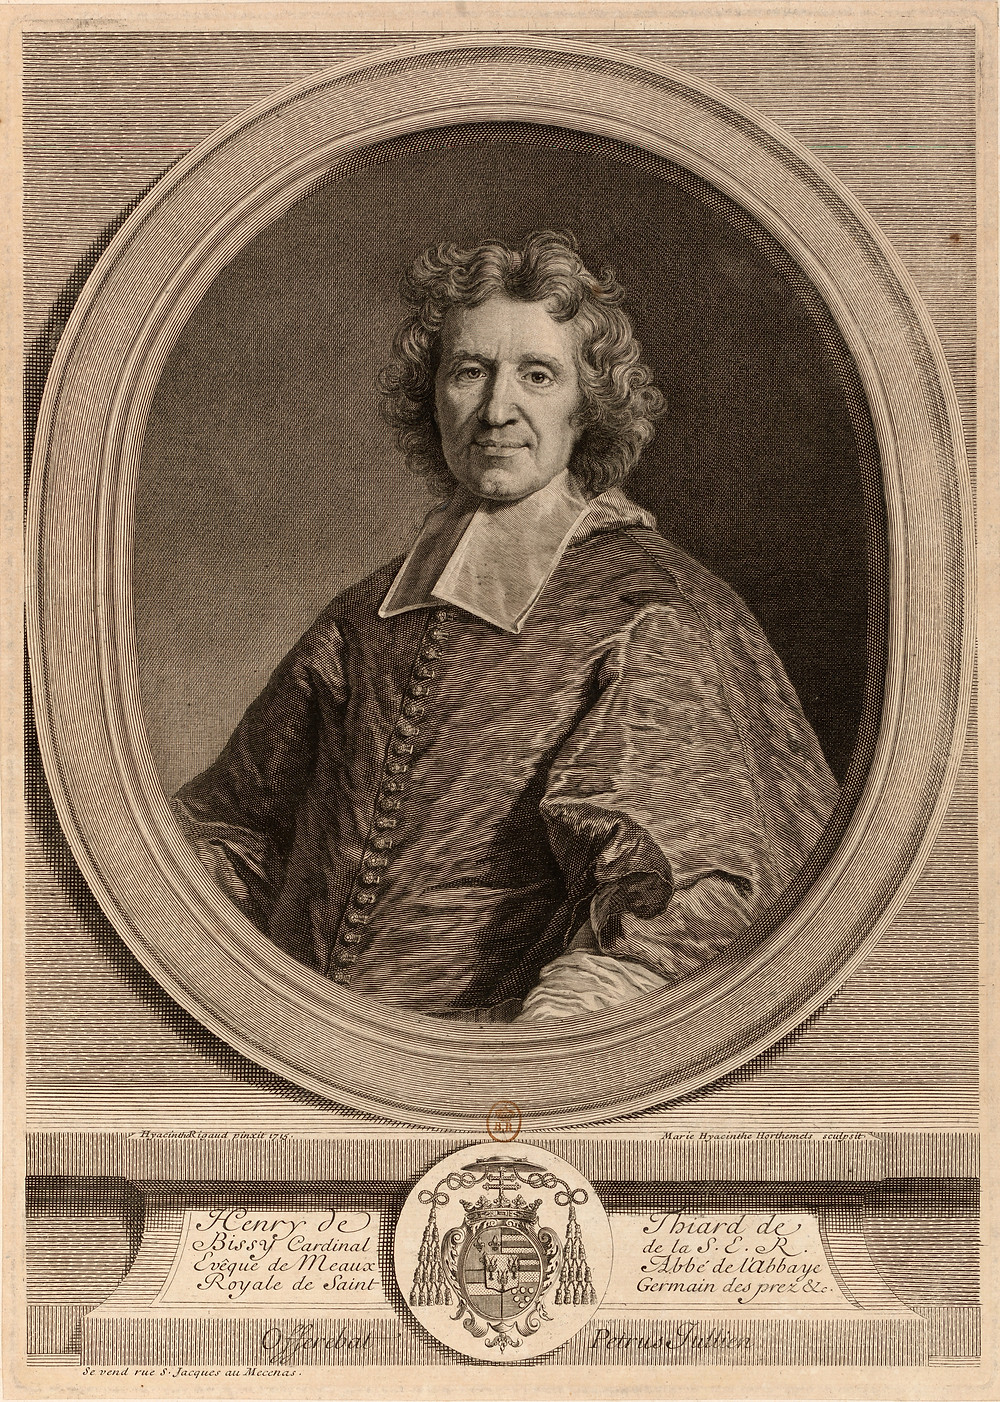 Marie Anne Hyacinthe Horthemels d'après Hyacinthe Rigaud, Portrait du cardinal de Bissy, 1716, Paris, Bibliothèque nationale de France, département des Estampes et de la photographie, Da. 62 fol. 72